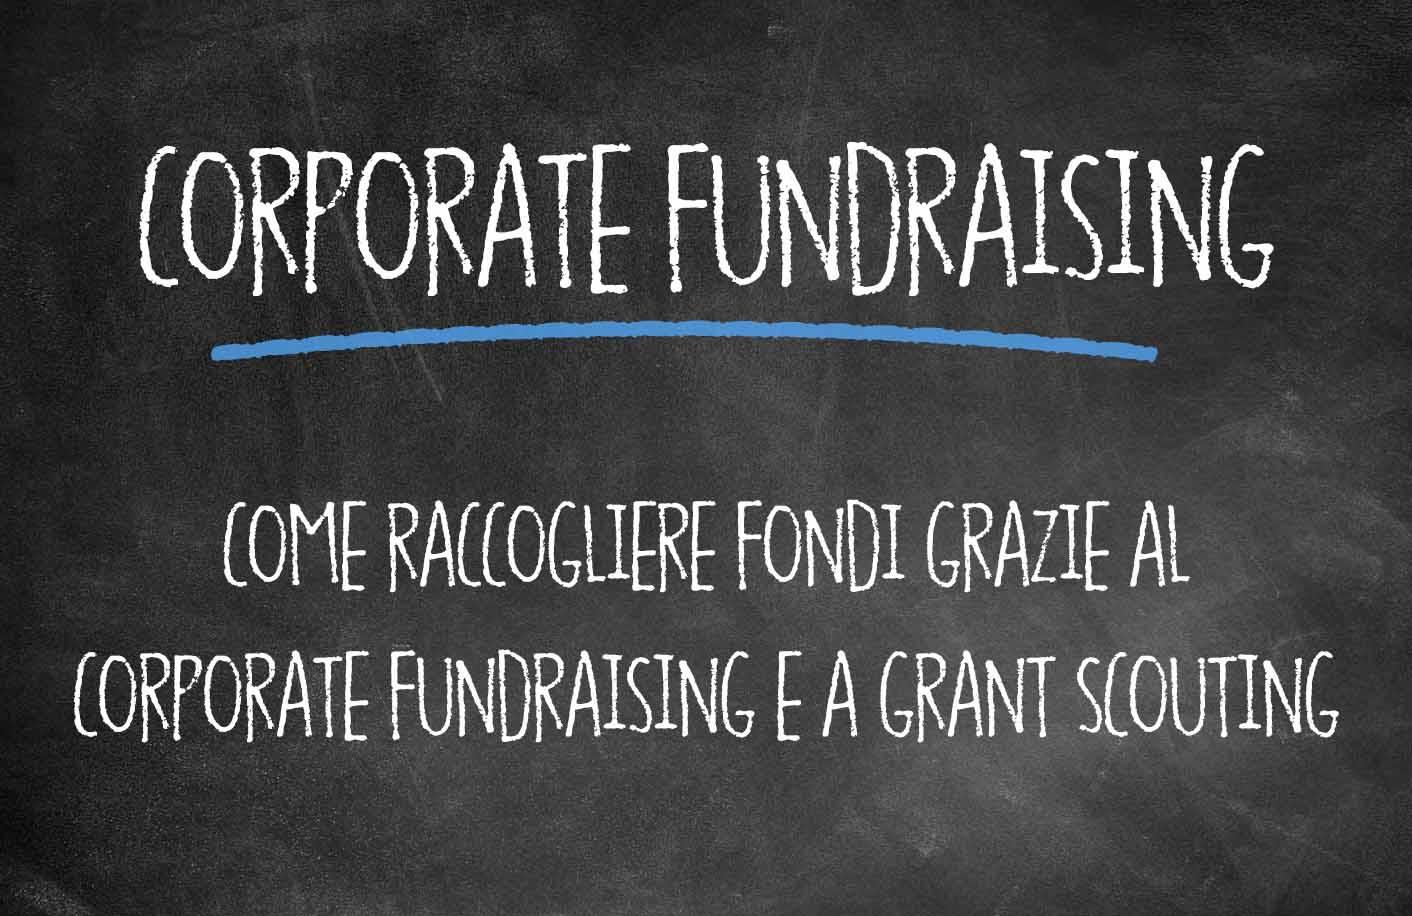 Come raccogliere fondi grazie al corporate fundraising e al grant scouting